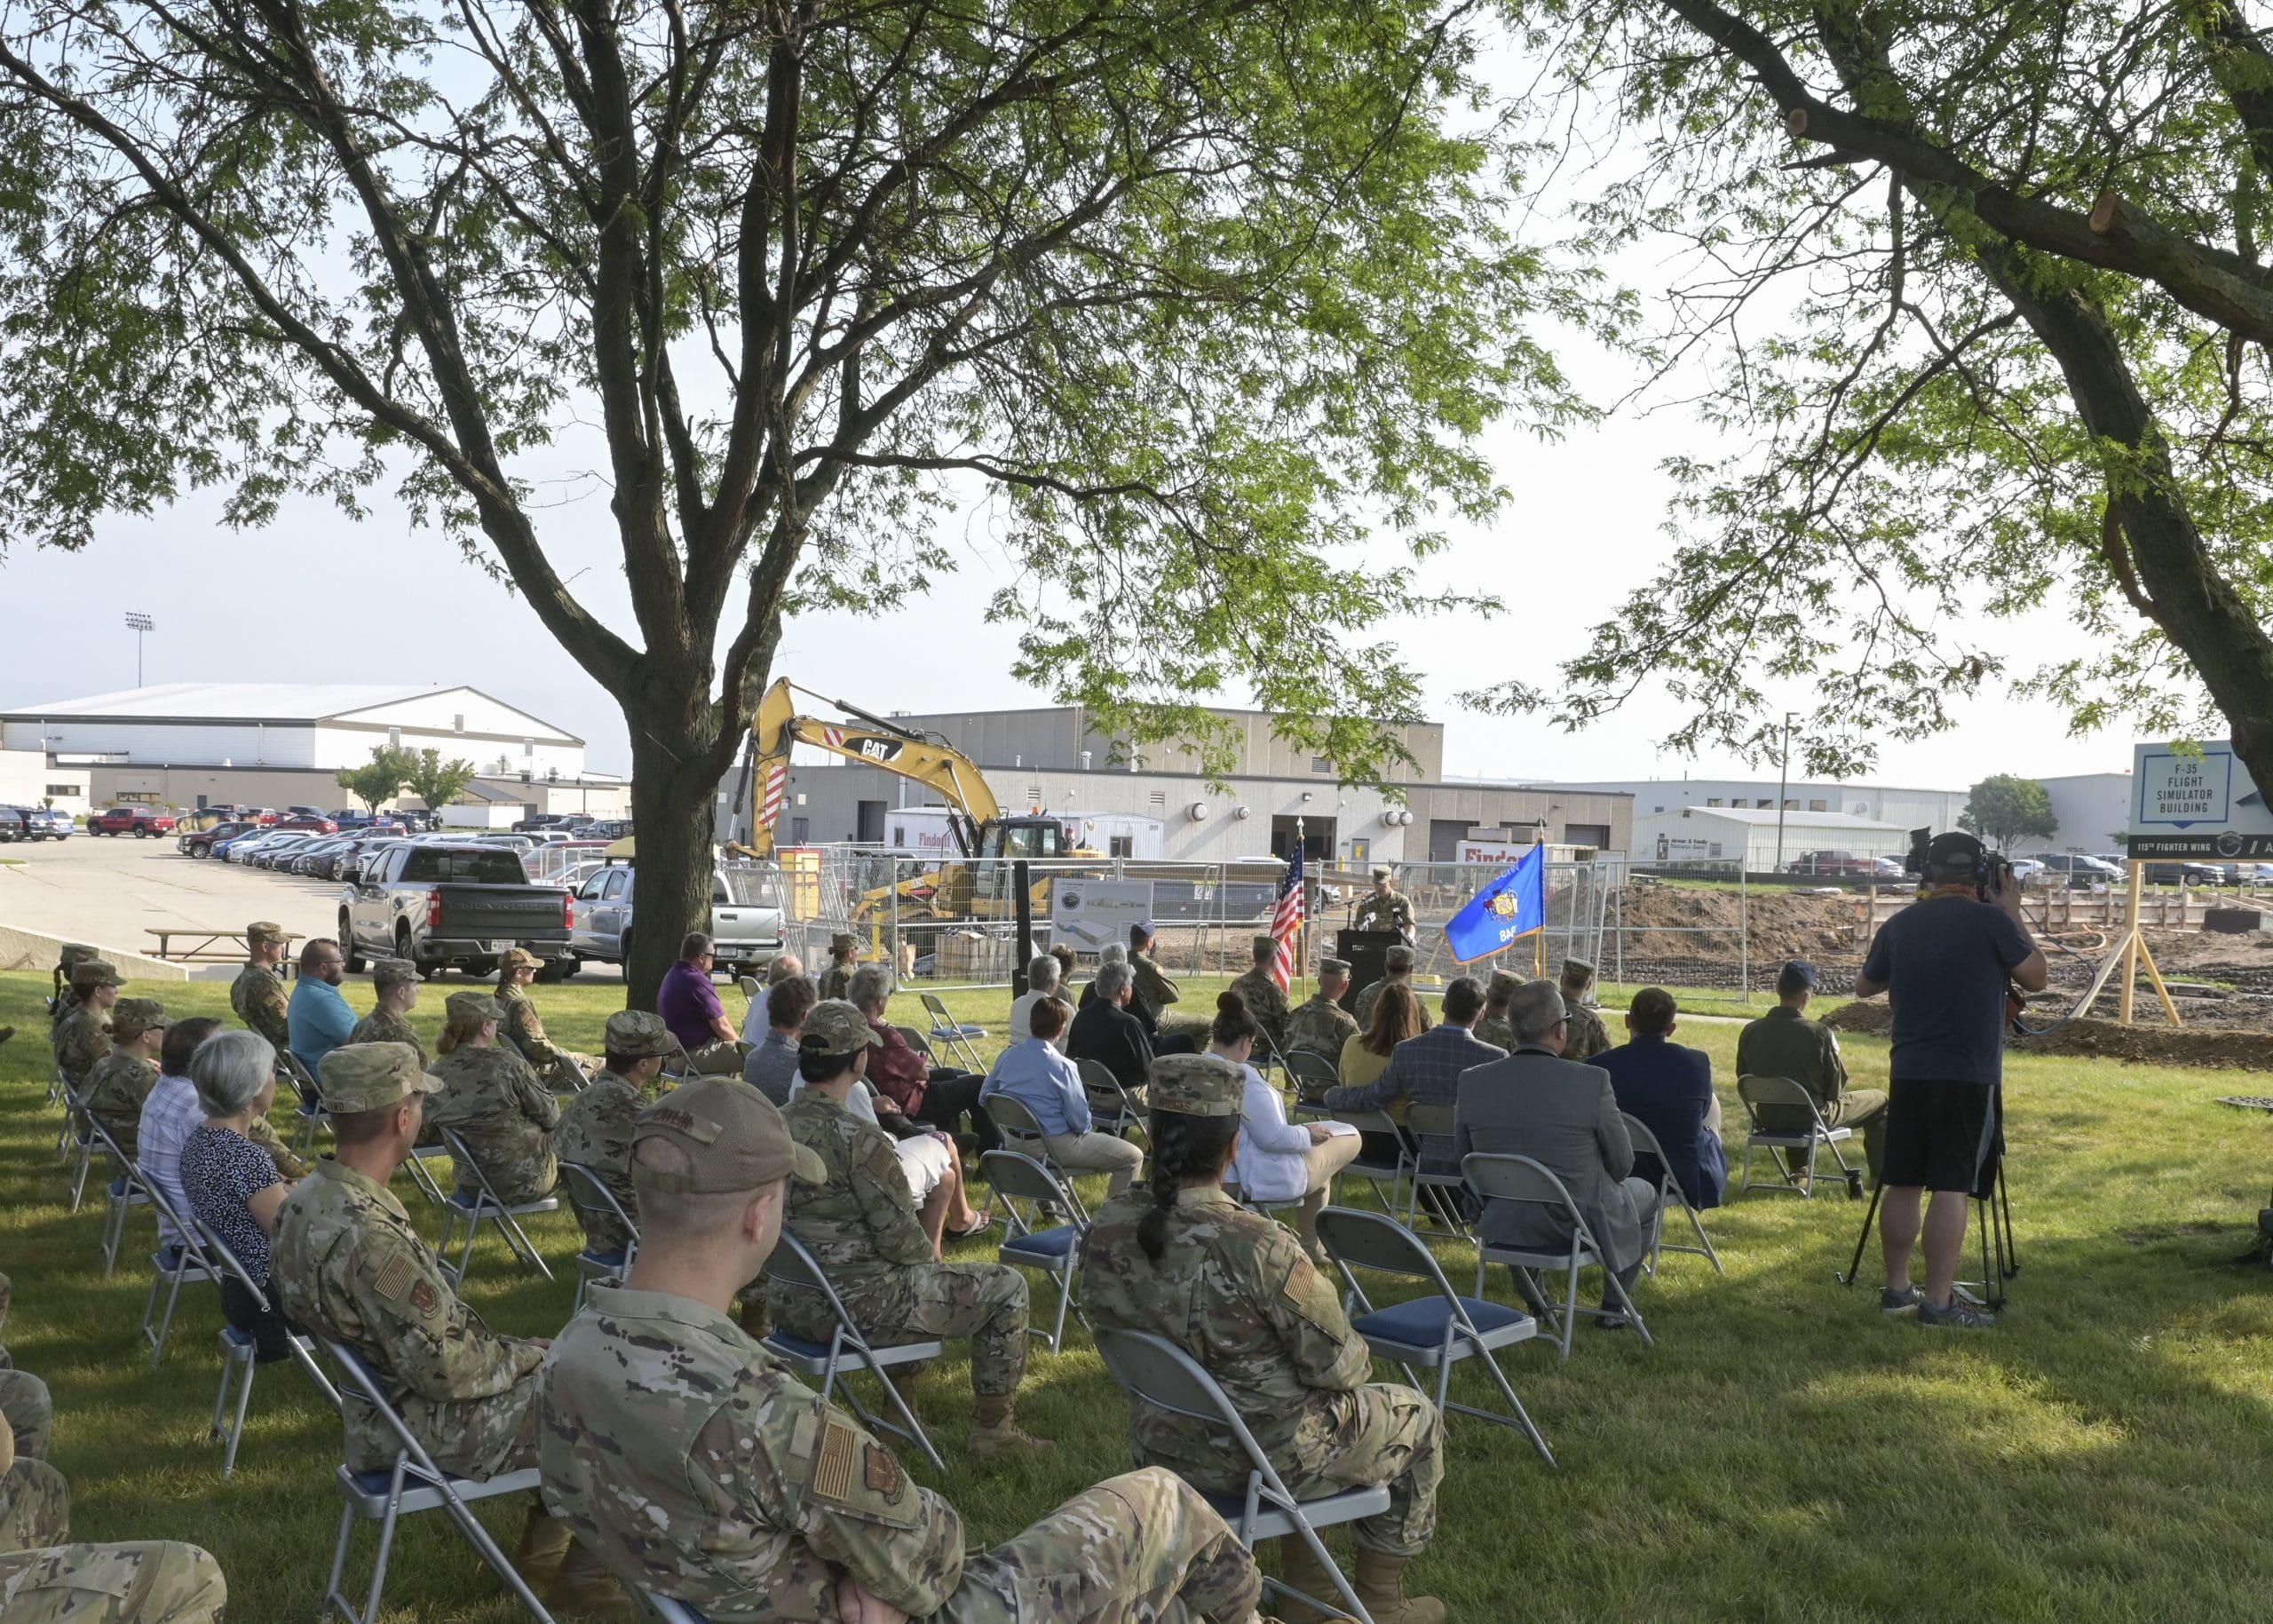 210811-Z-HD478-1043 - Staff Sgt. Cameron Lewis